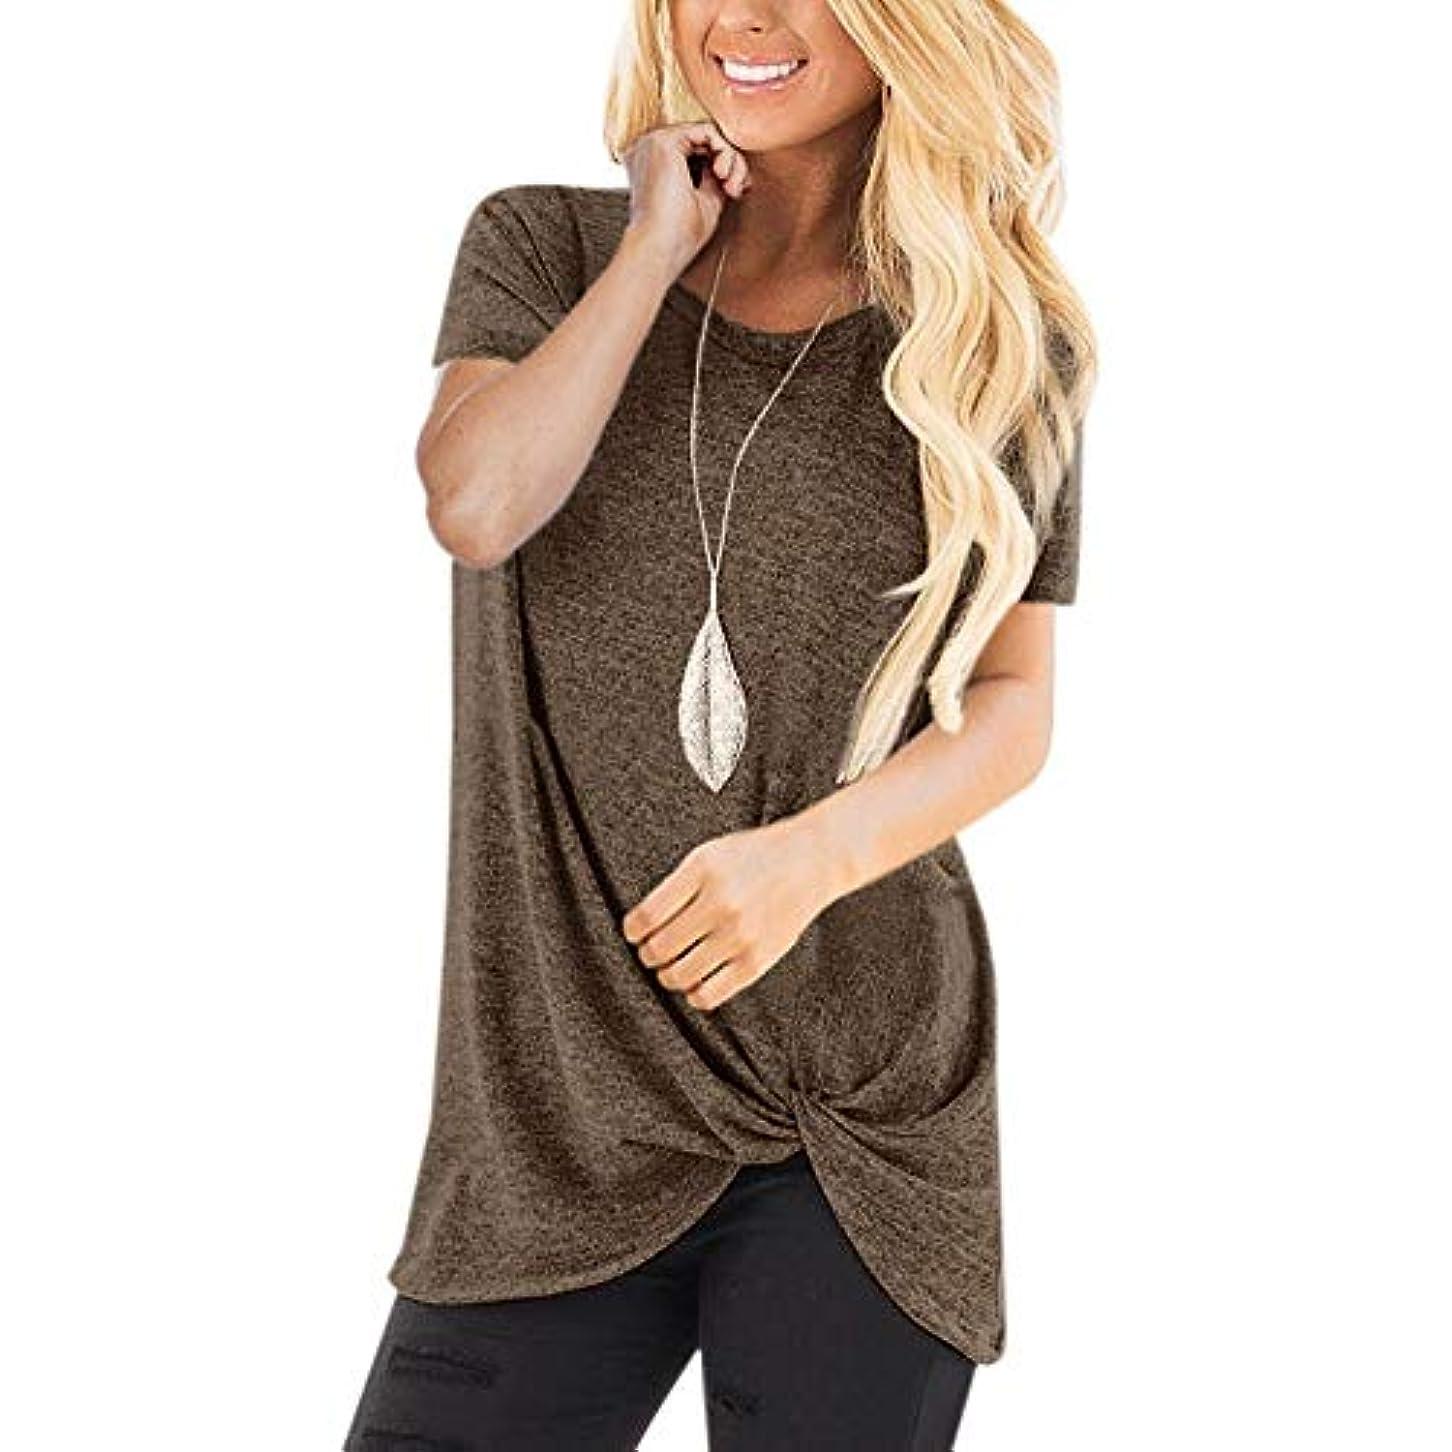 補償魔術にやにやMIFAN コットンTシャツ、カジュアルTシャツ、レディースブラウス、トップス&Tシャツ、プラスサイズ、ルーズtシャツ